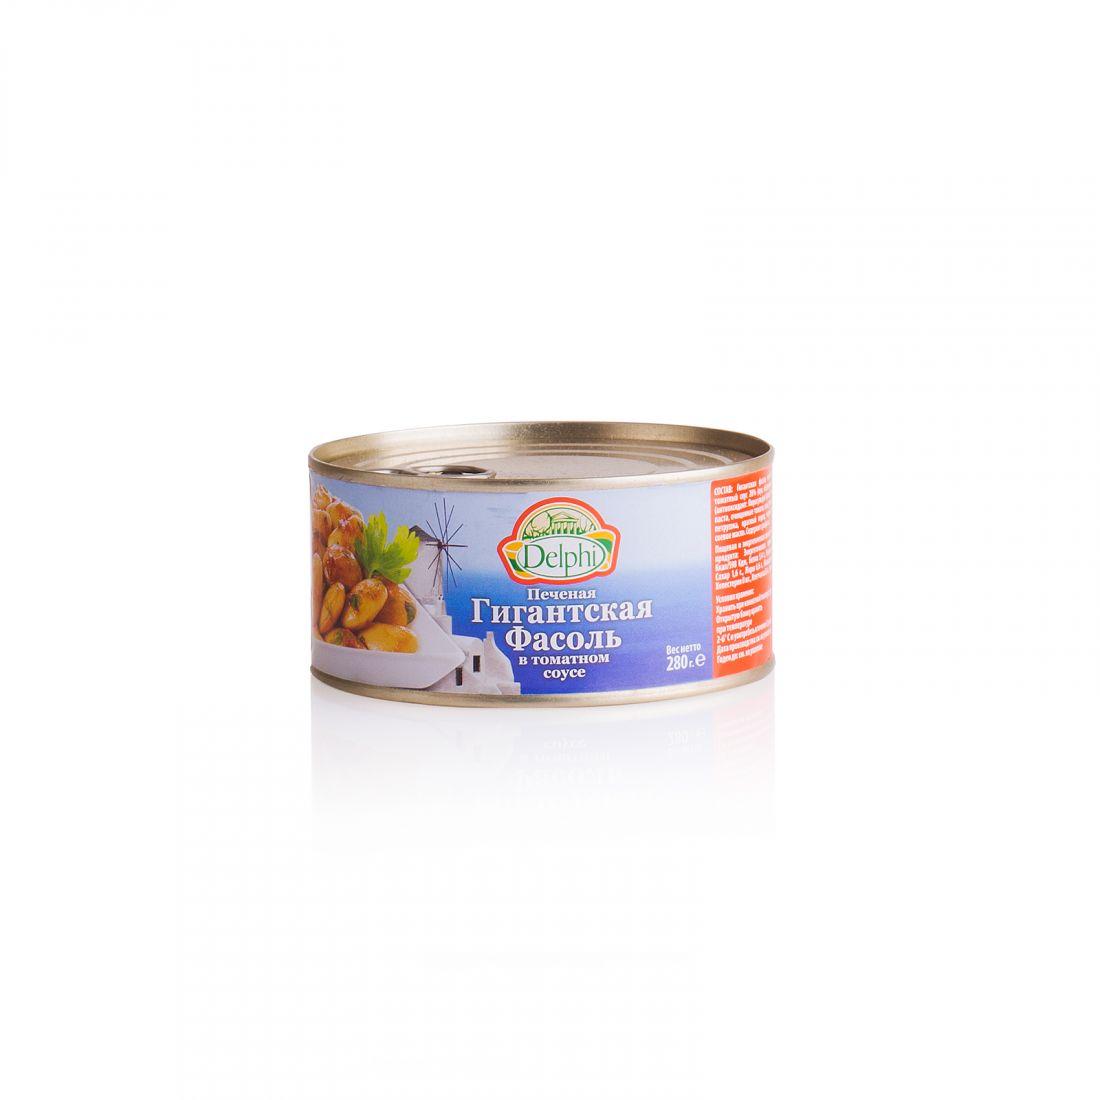 Печеная фасоль в томатном соусе гигантская Delphi - 280 гр